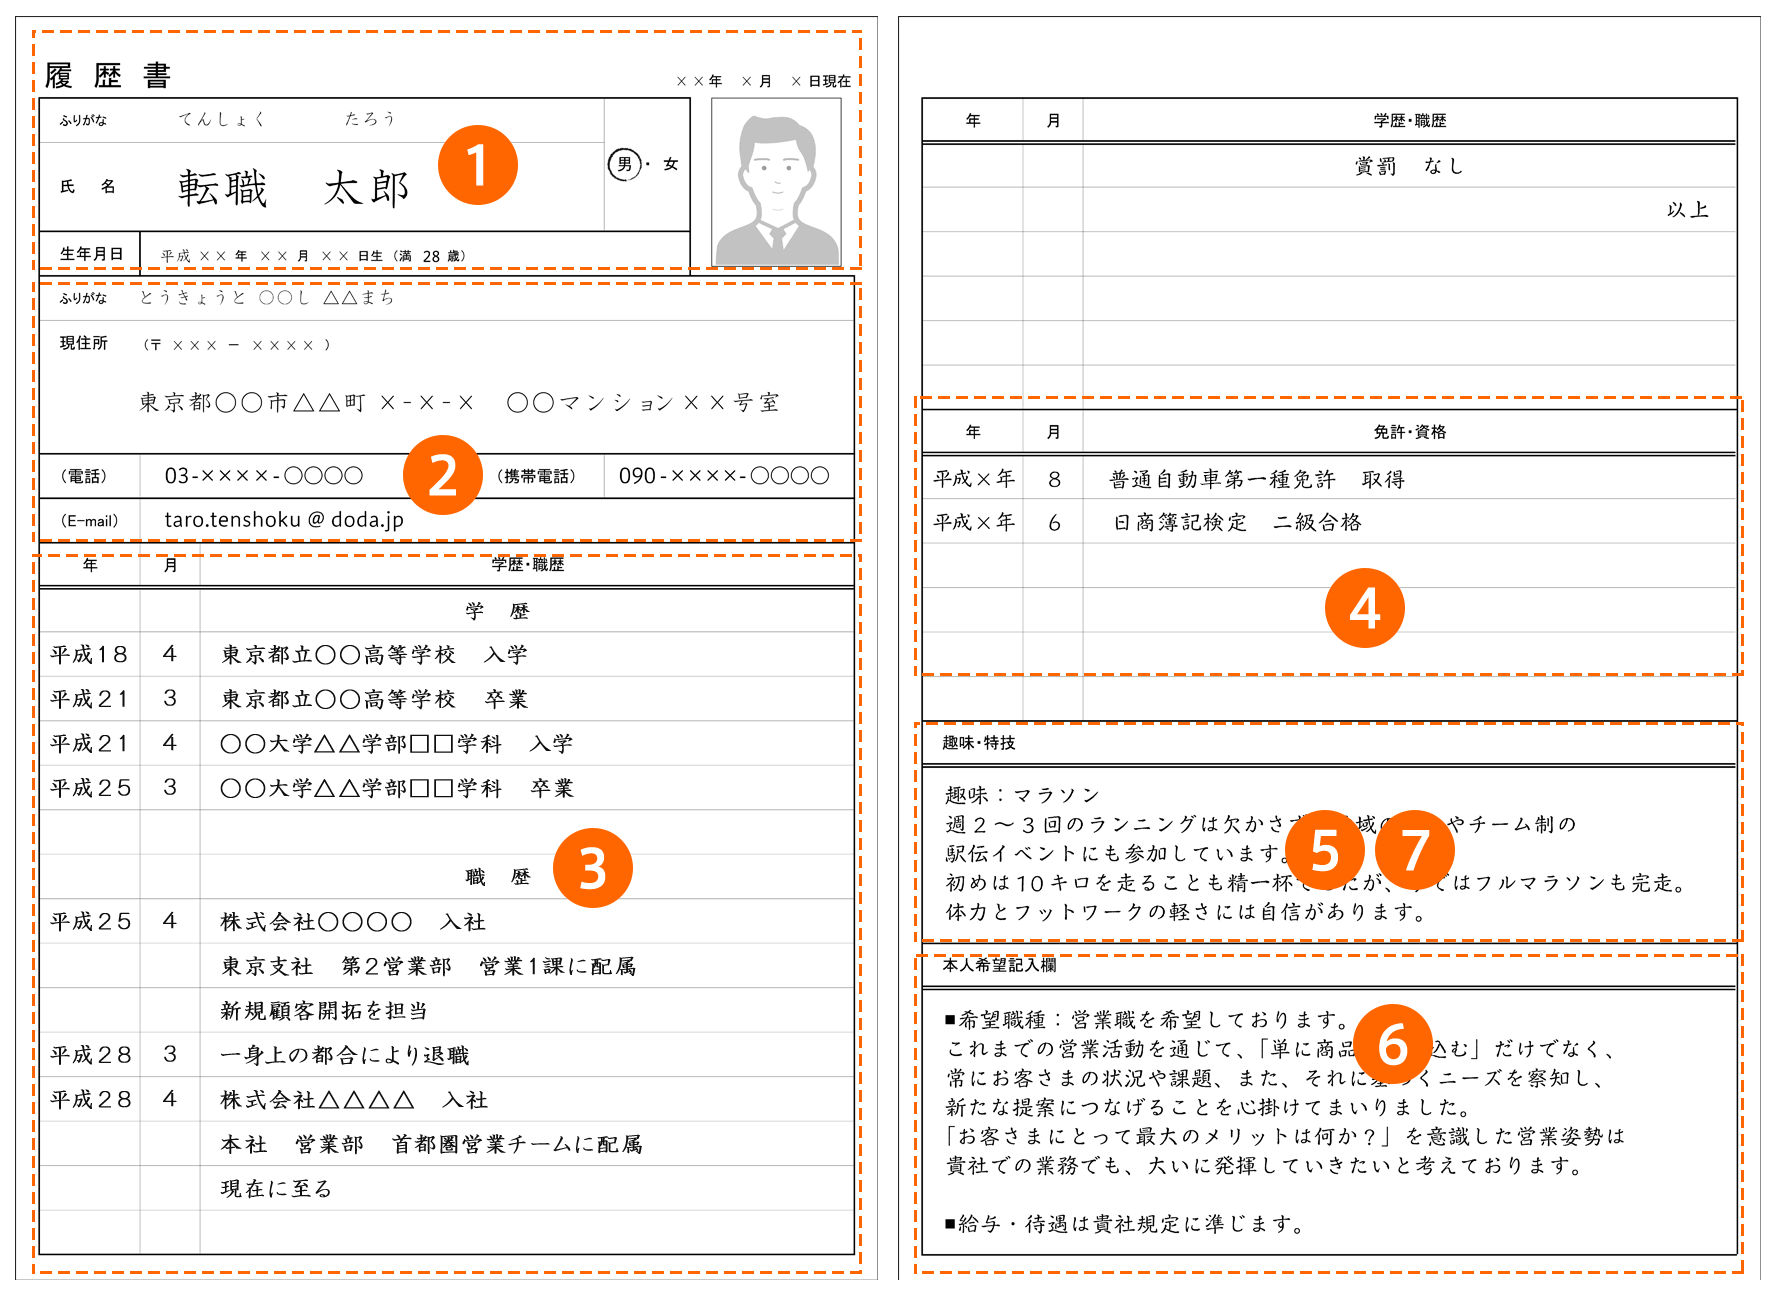 【履歴書】正しい書き方 完全ガイド ~見本・テンプレート ...